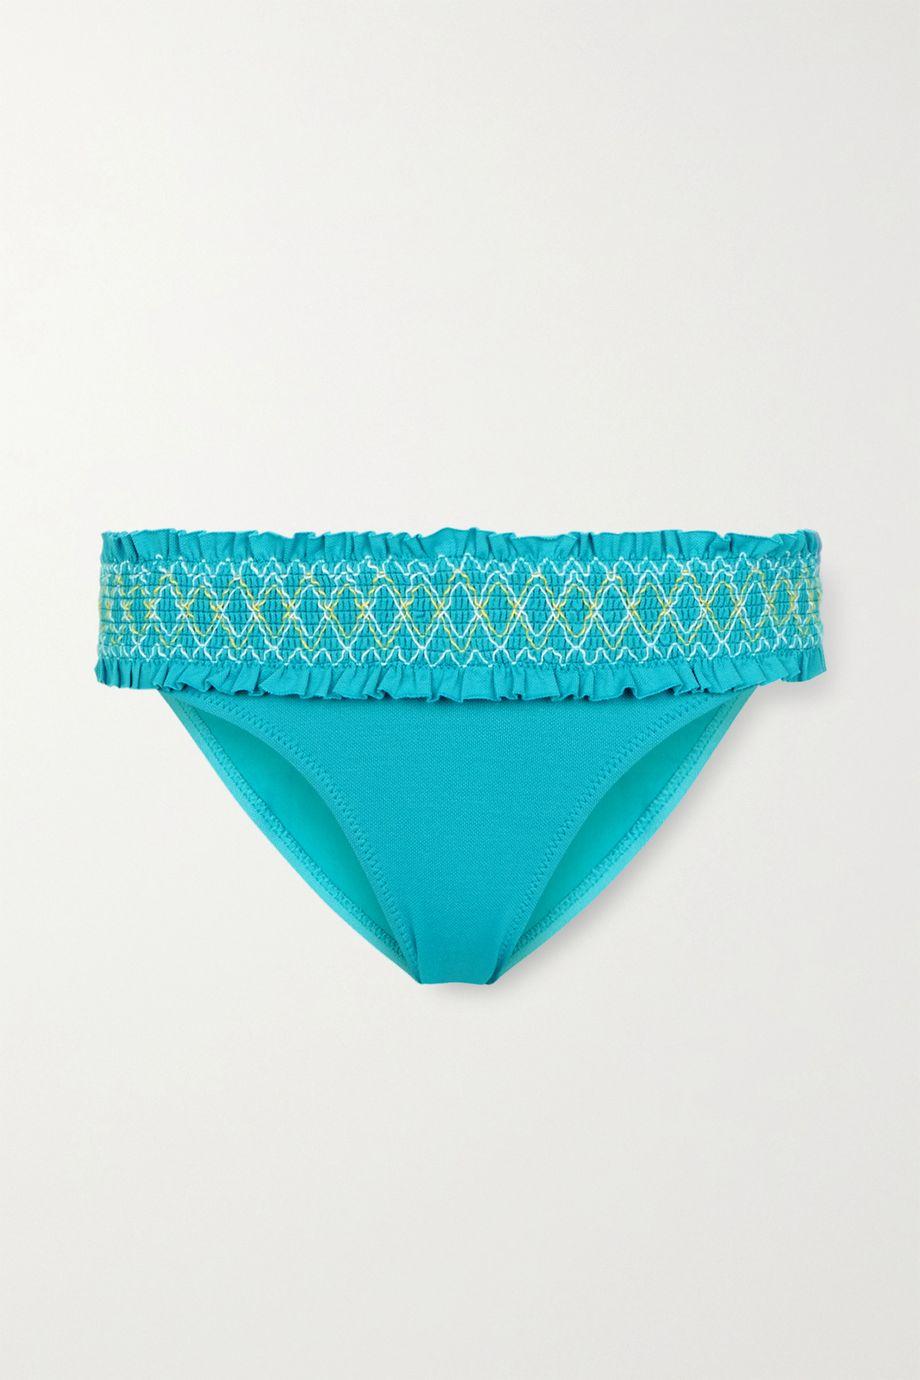 Heidi Klein Aruba Bikini-Höschen mit Raffungen